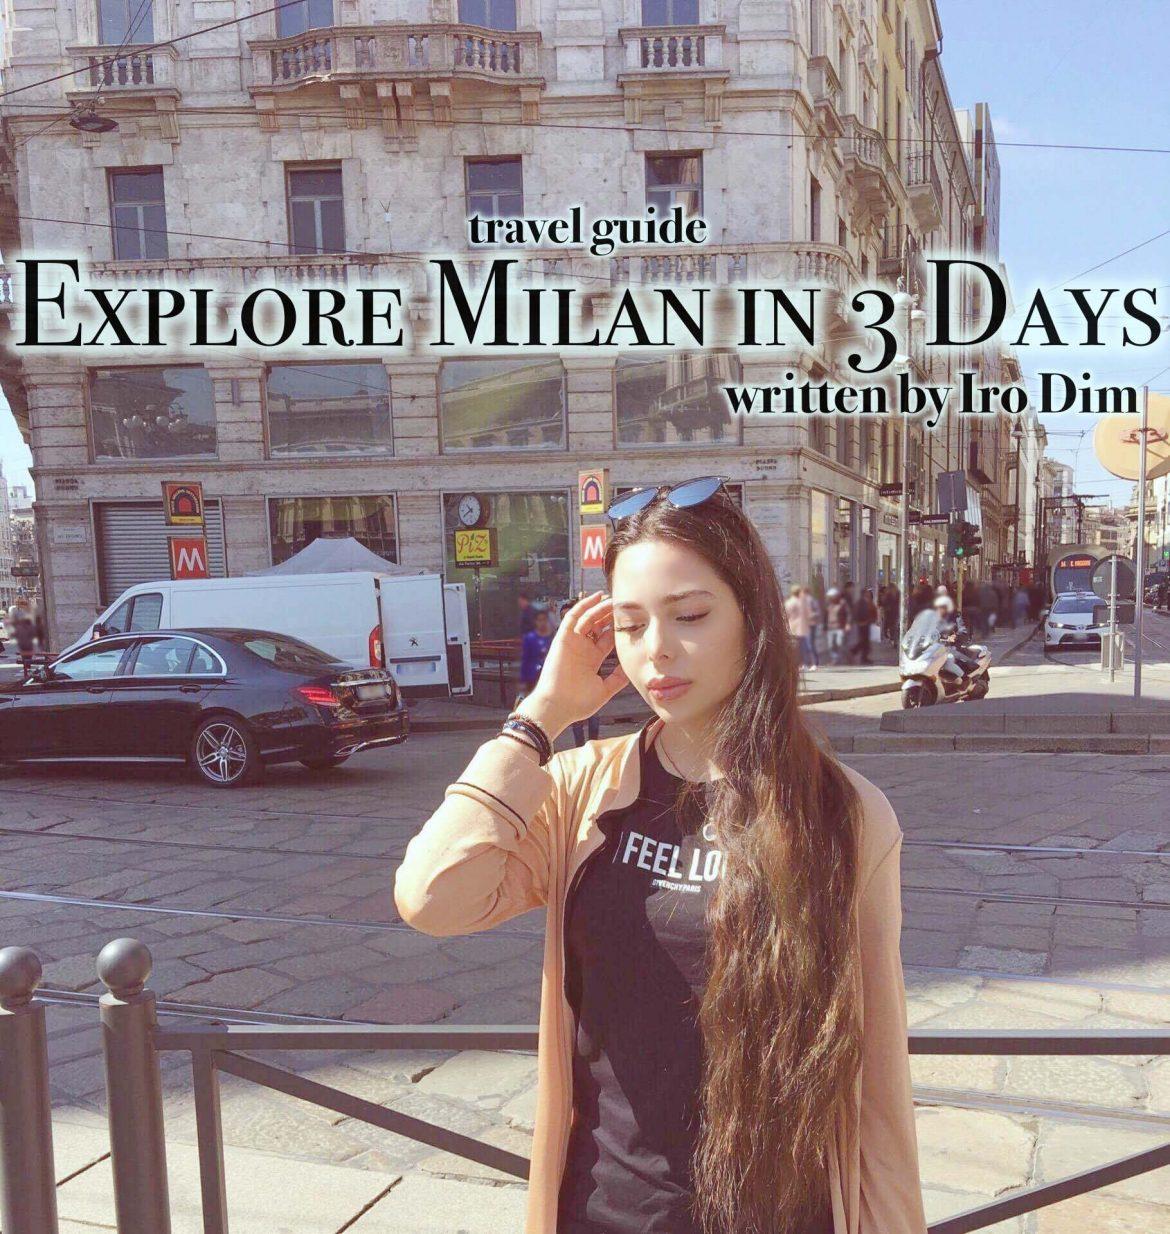 Milan, Explore Milan in Just 3 Days, Visit Milan